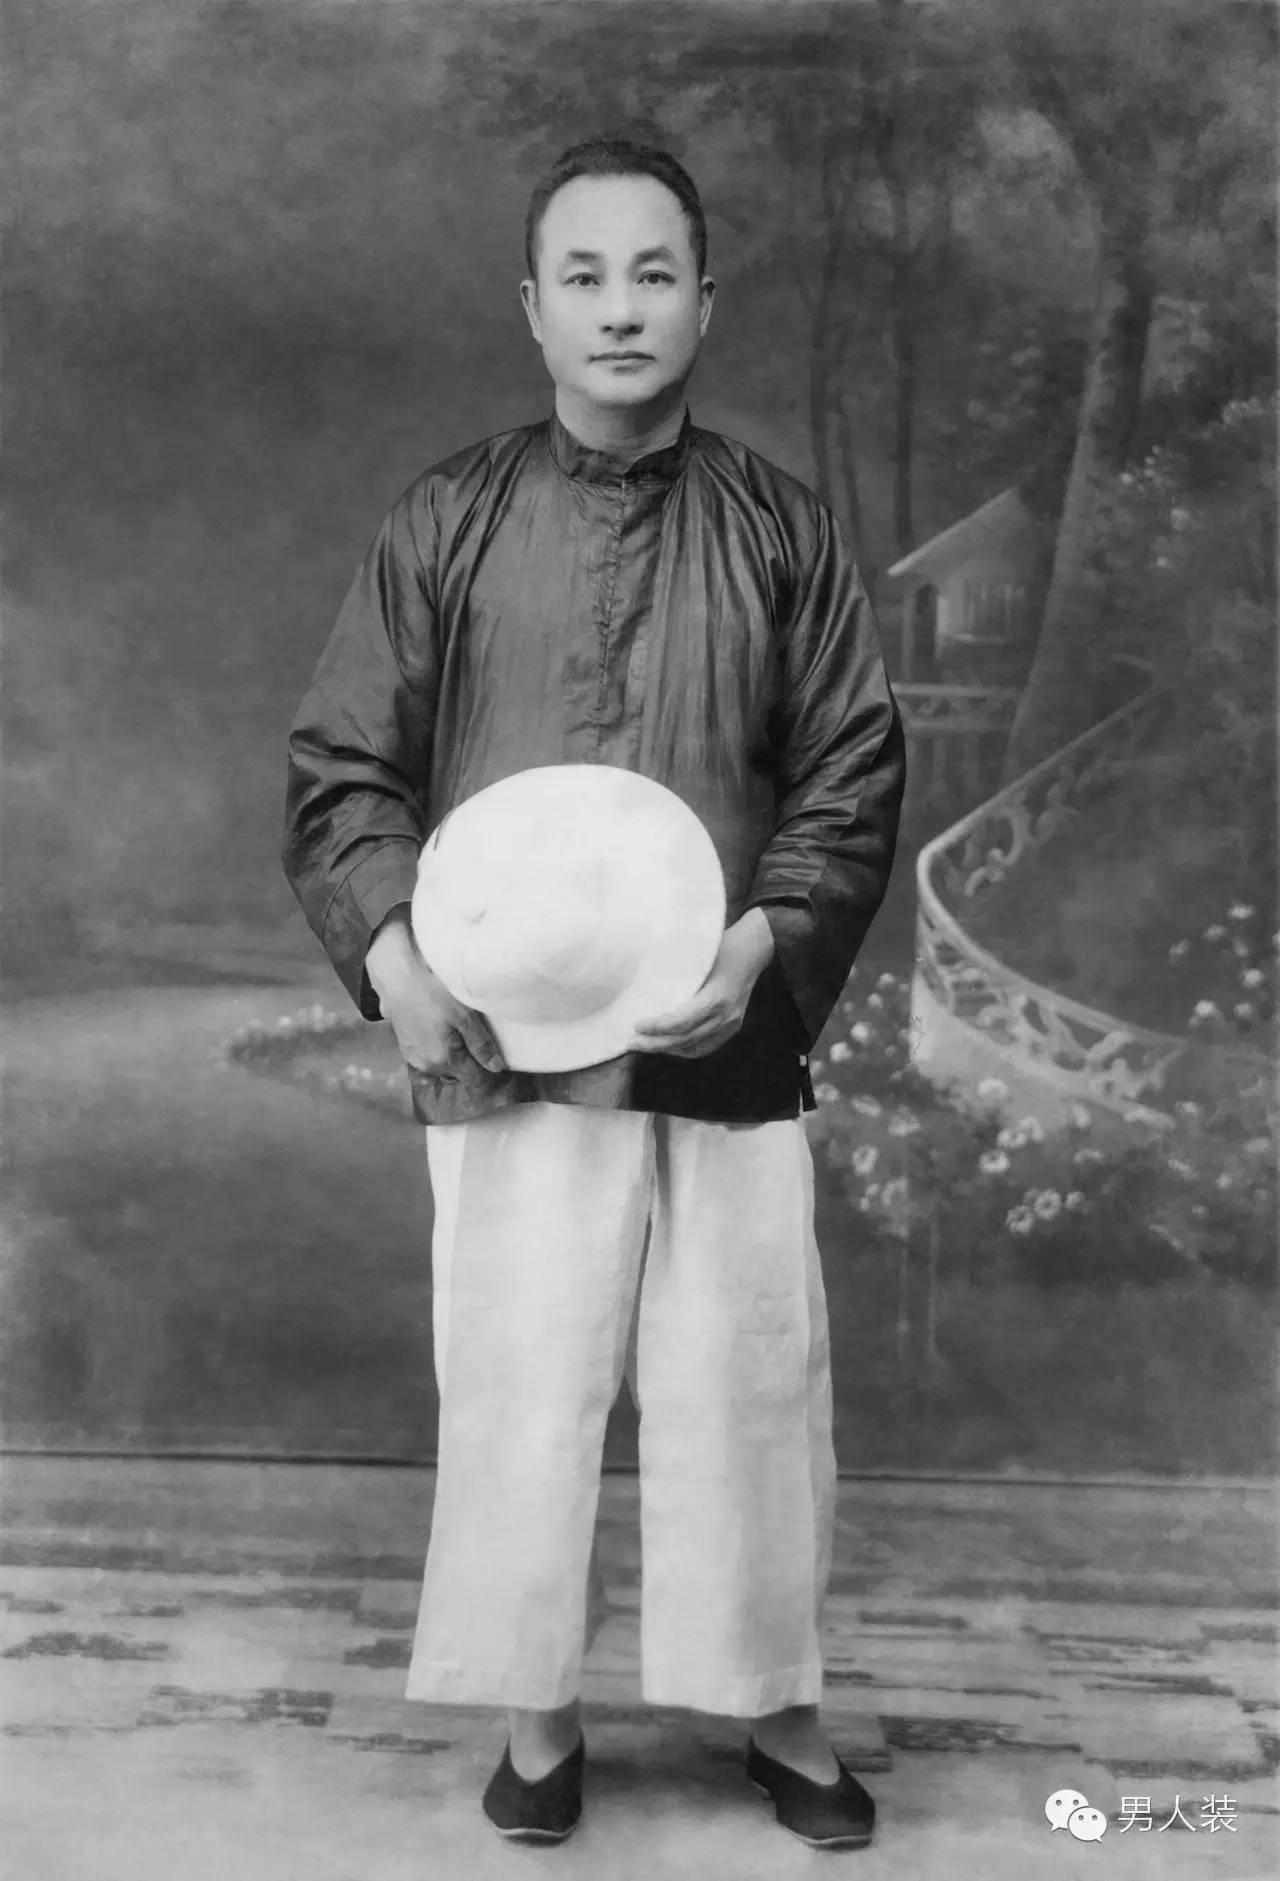 可能是中國史上最早的「每年一自拍」?他是個清朝人,一路拍到民初。